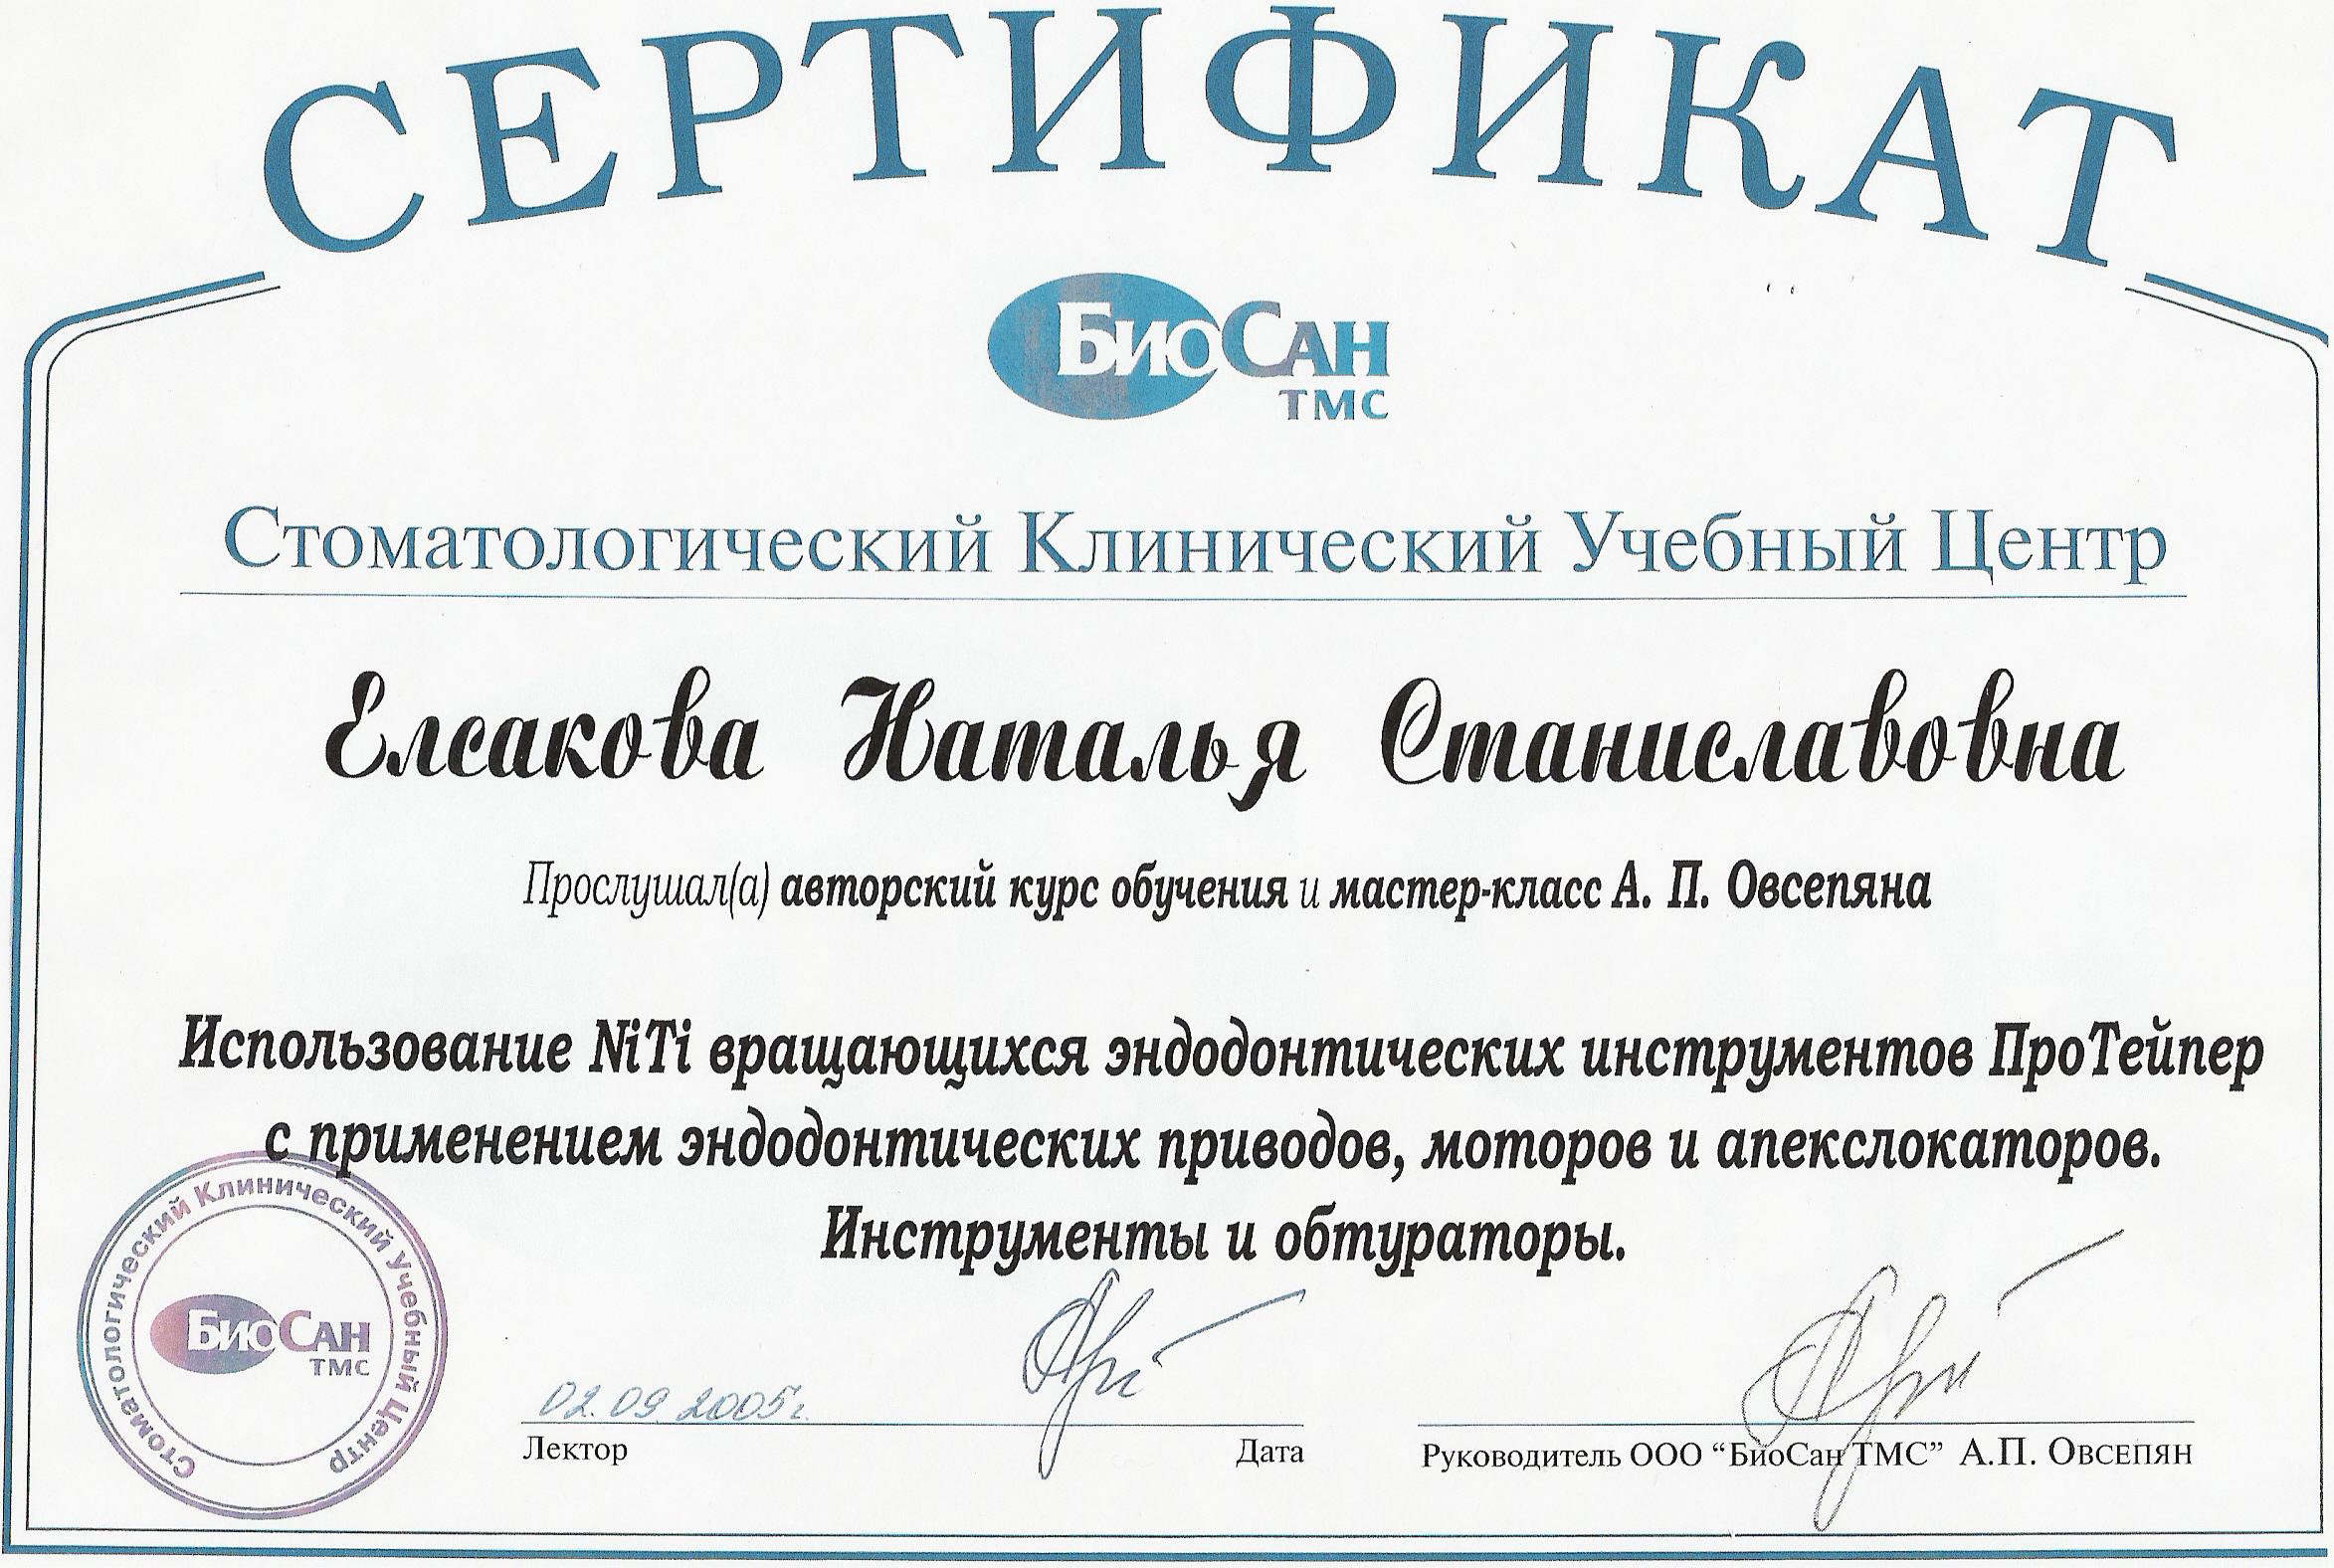 Елсакова Наталья Станиславовна-Сертификат